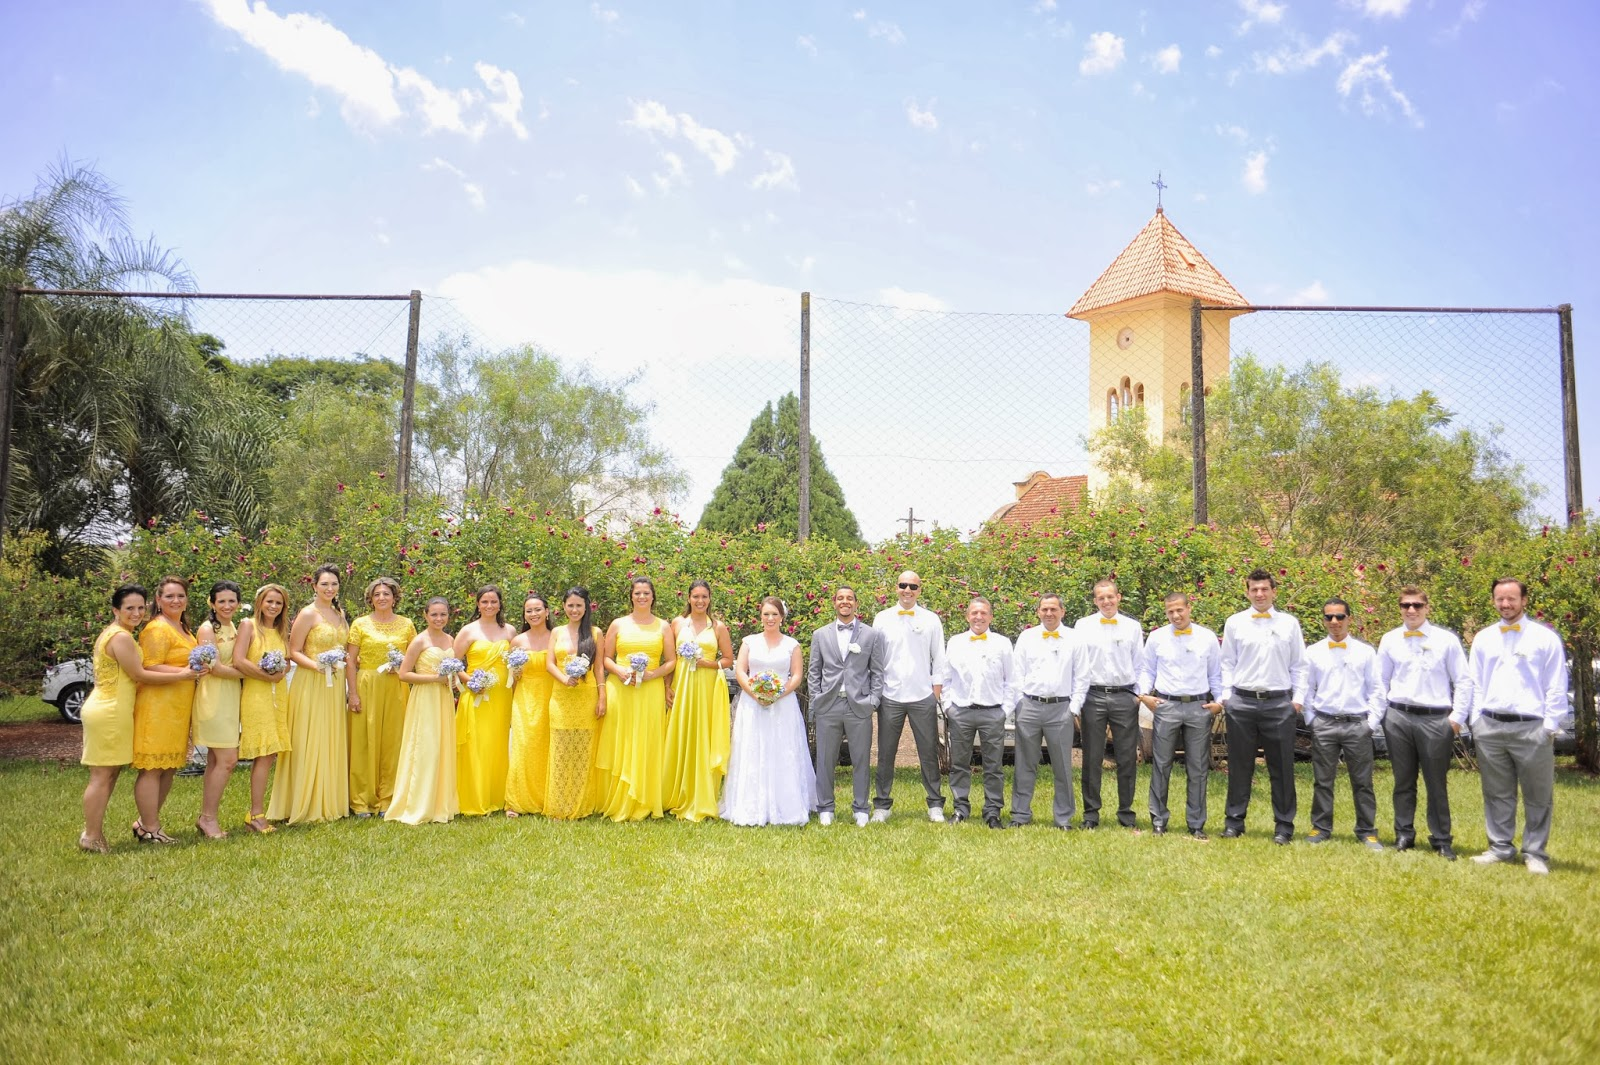 fotos-padrinhos-madrinhas-casamento-dia-azul-amarelo